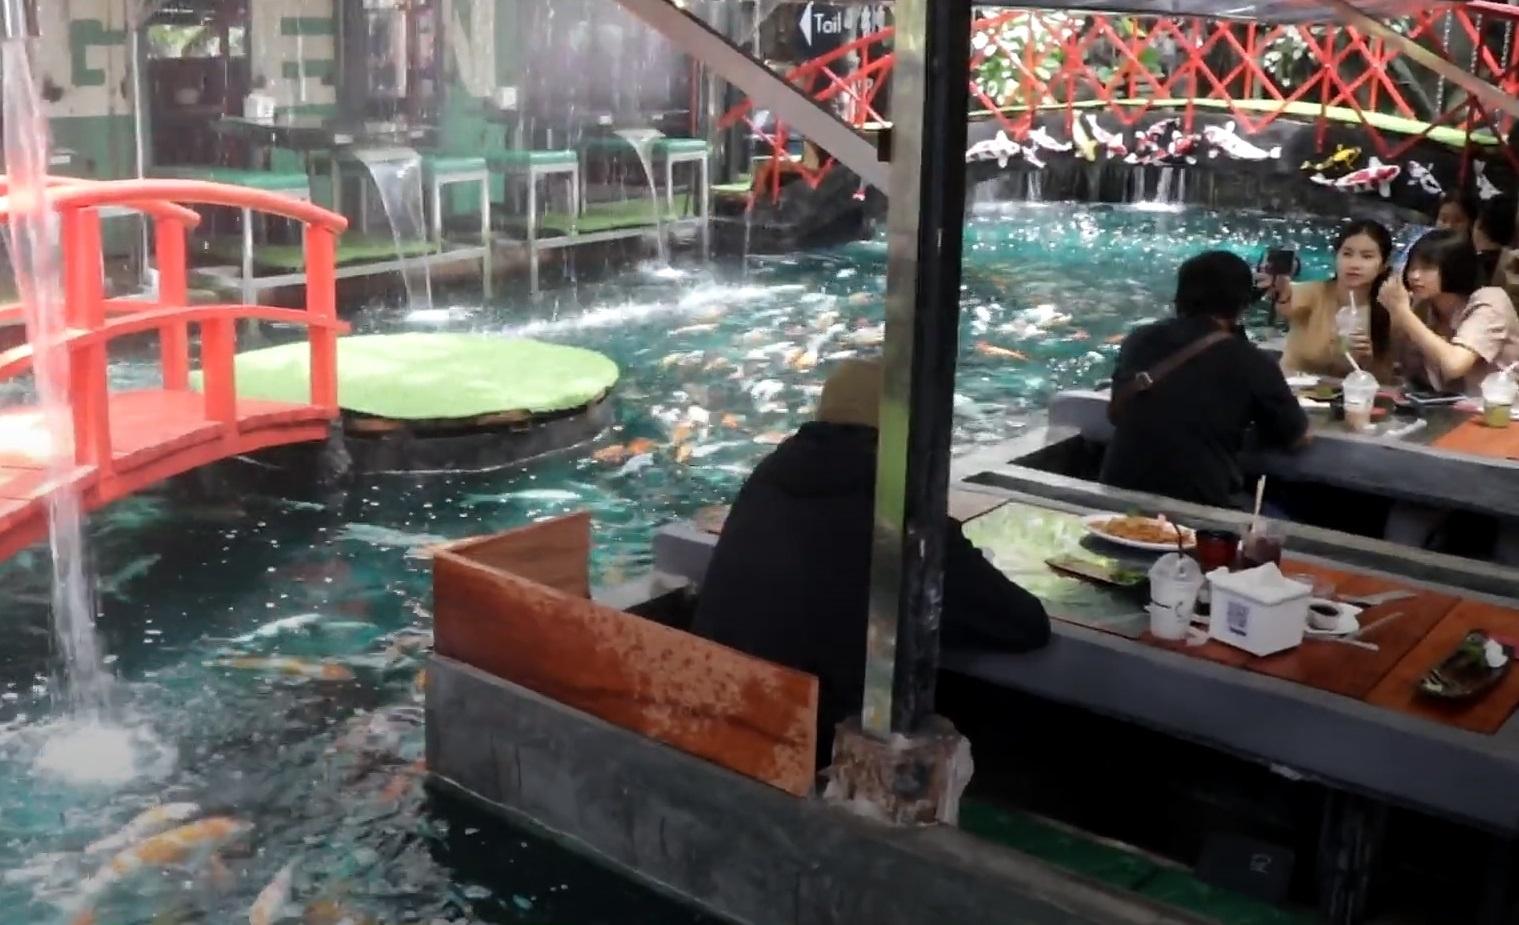 Nhà hàng xây dựng bên trong hồ cá Koi ở Thái Lan